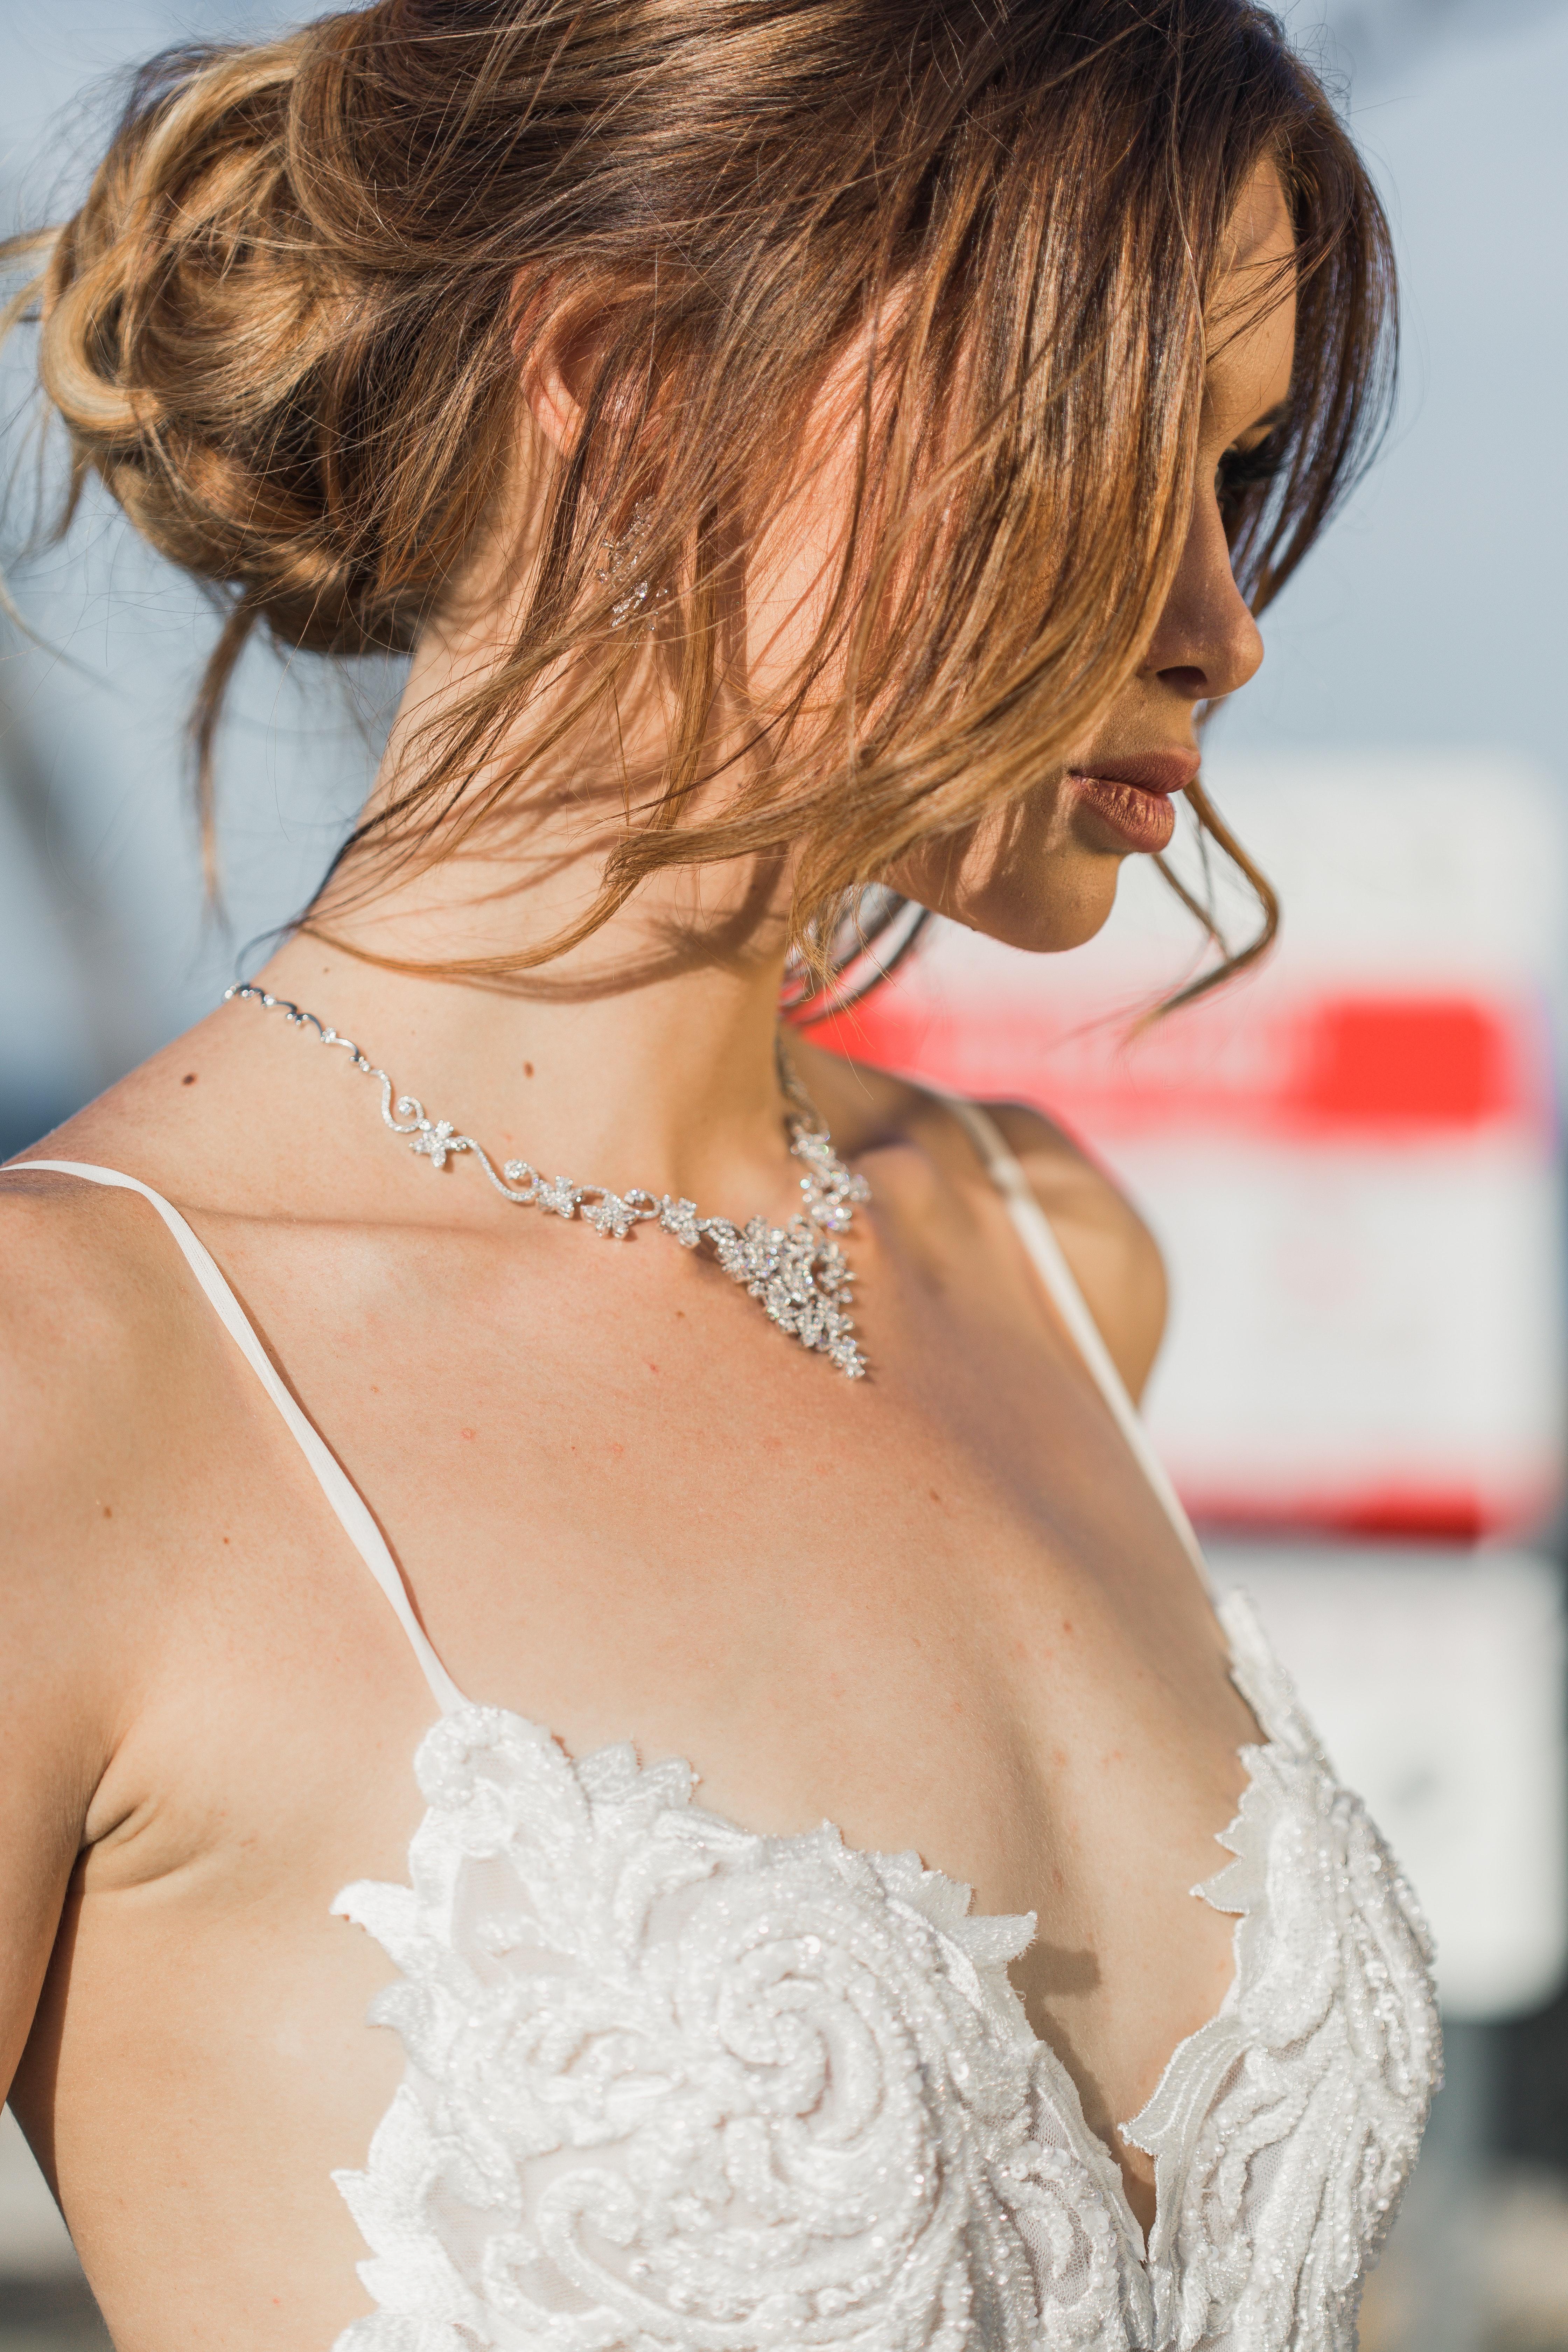 close-up-portrait-of-a-bride-2236409